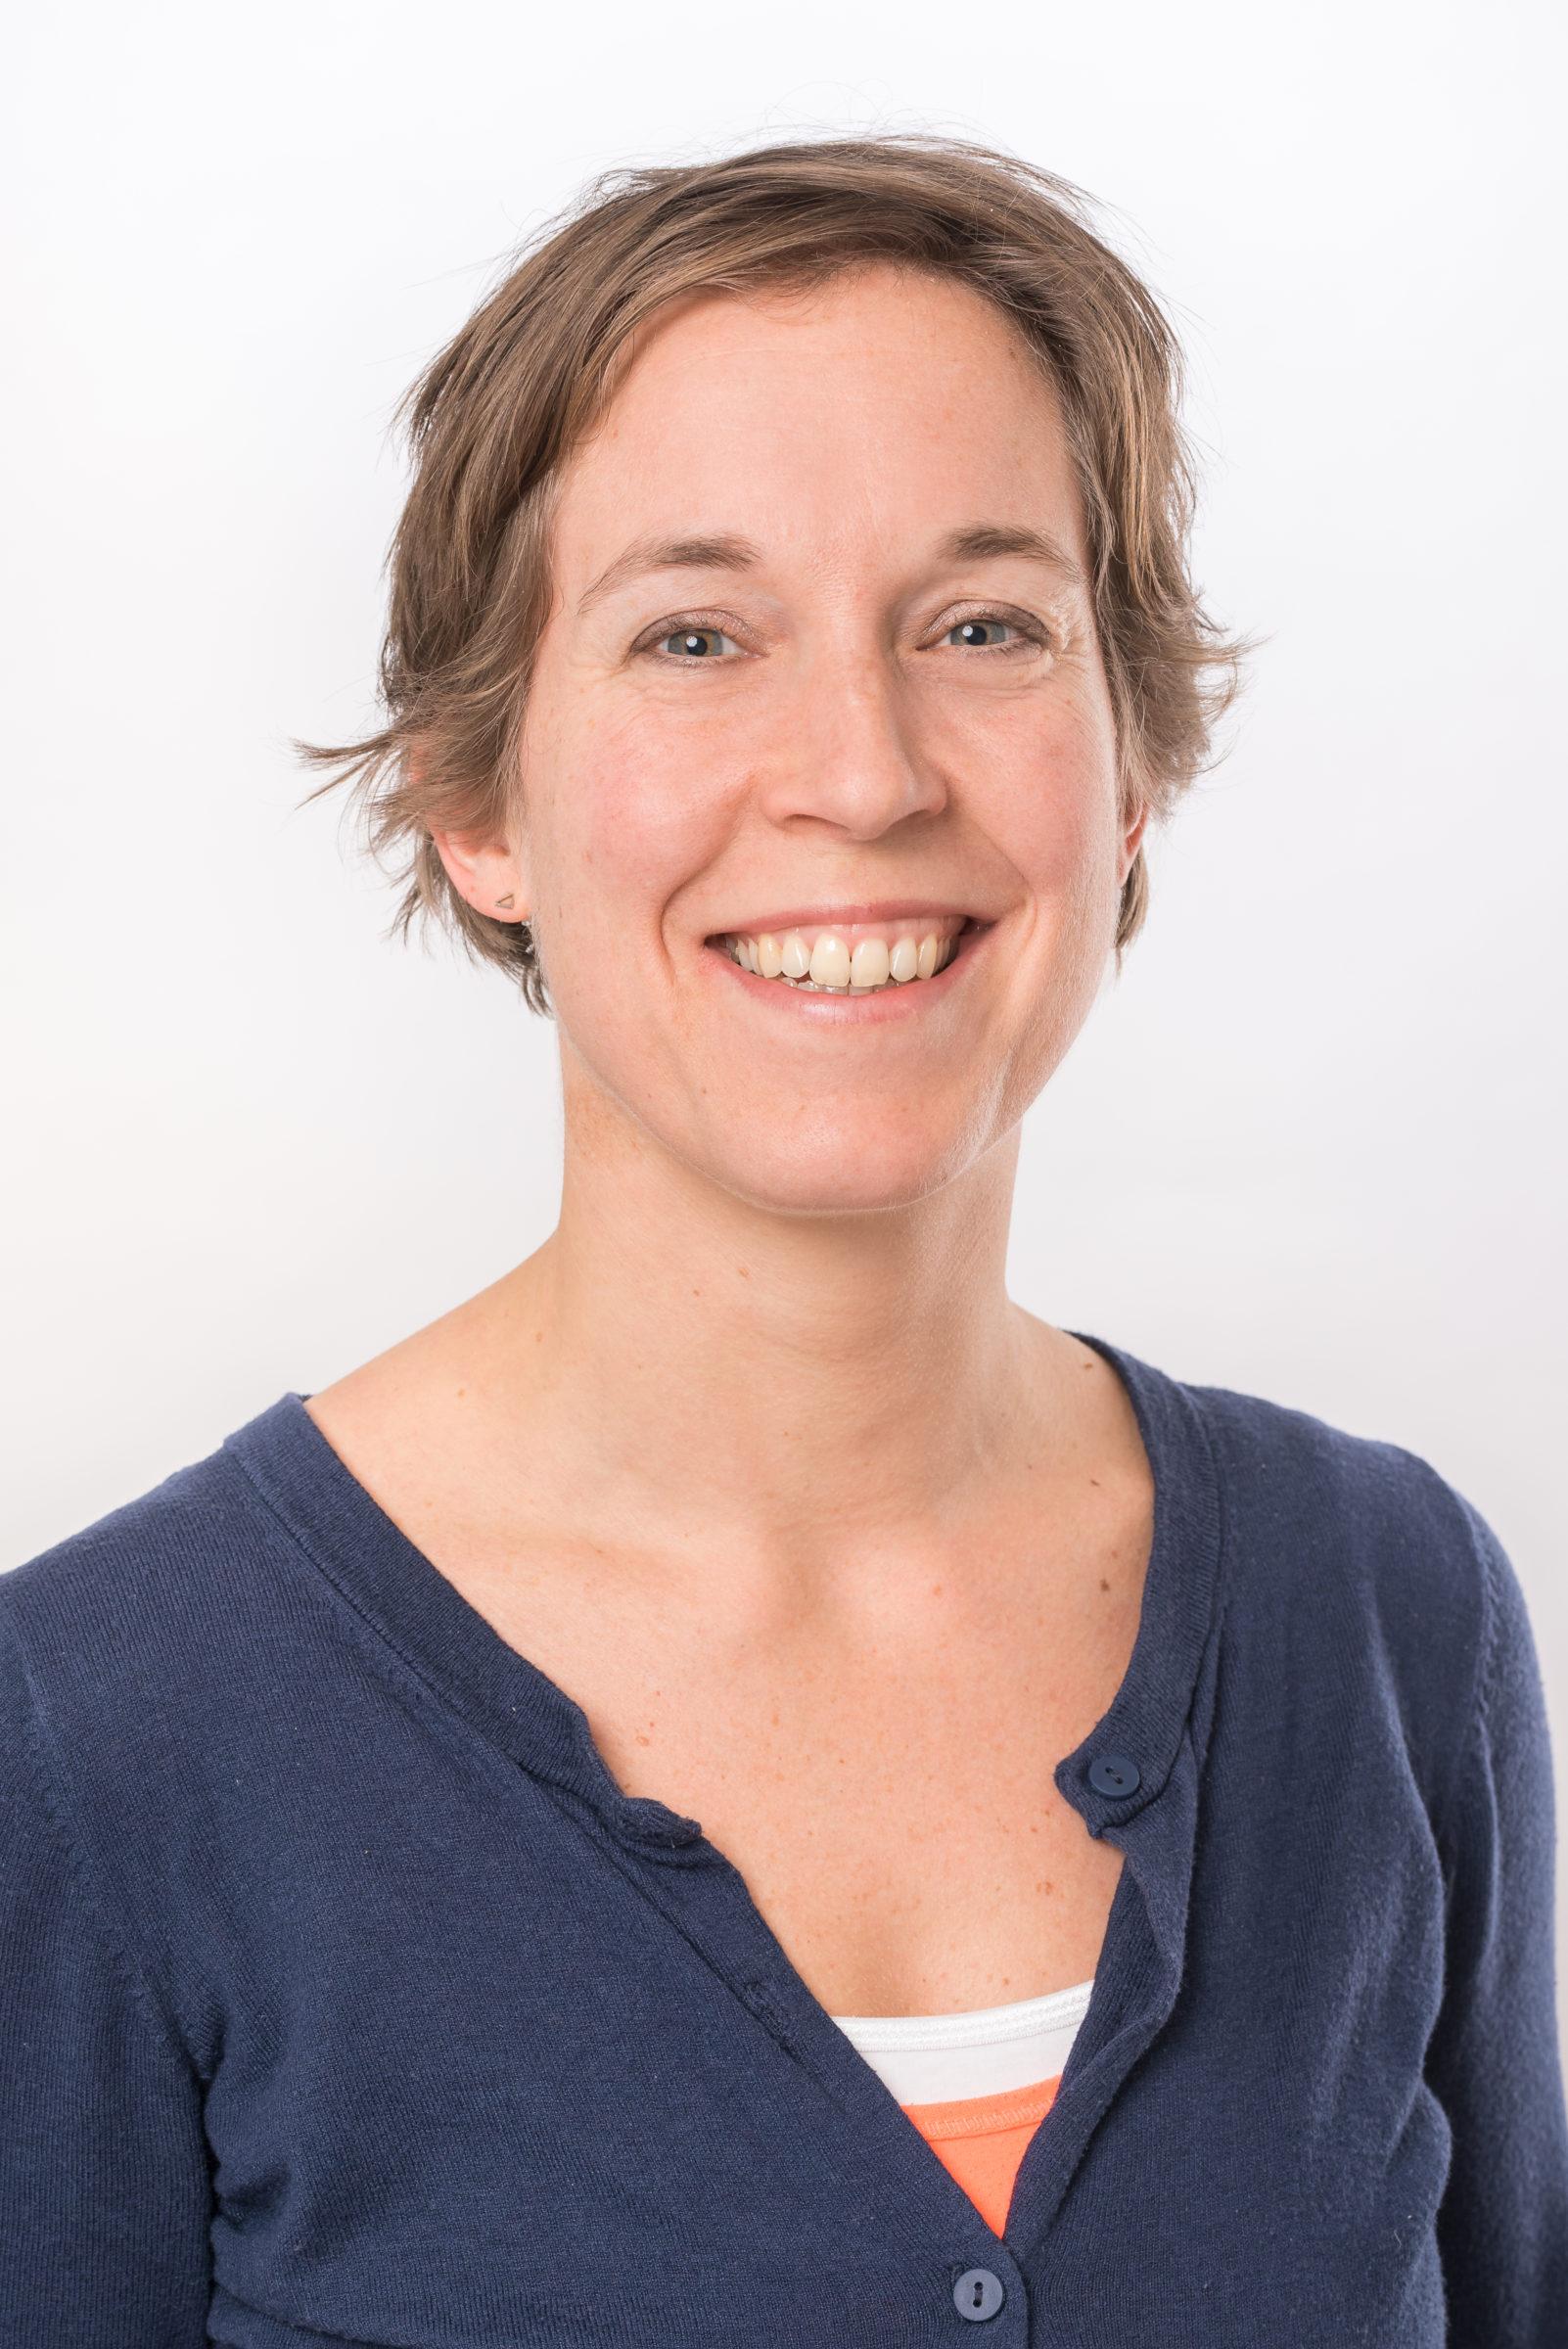 Portretfoto van medewerker Noortje Breij